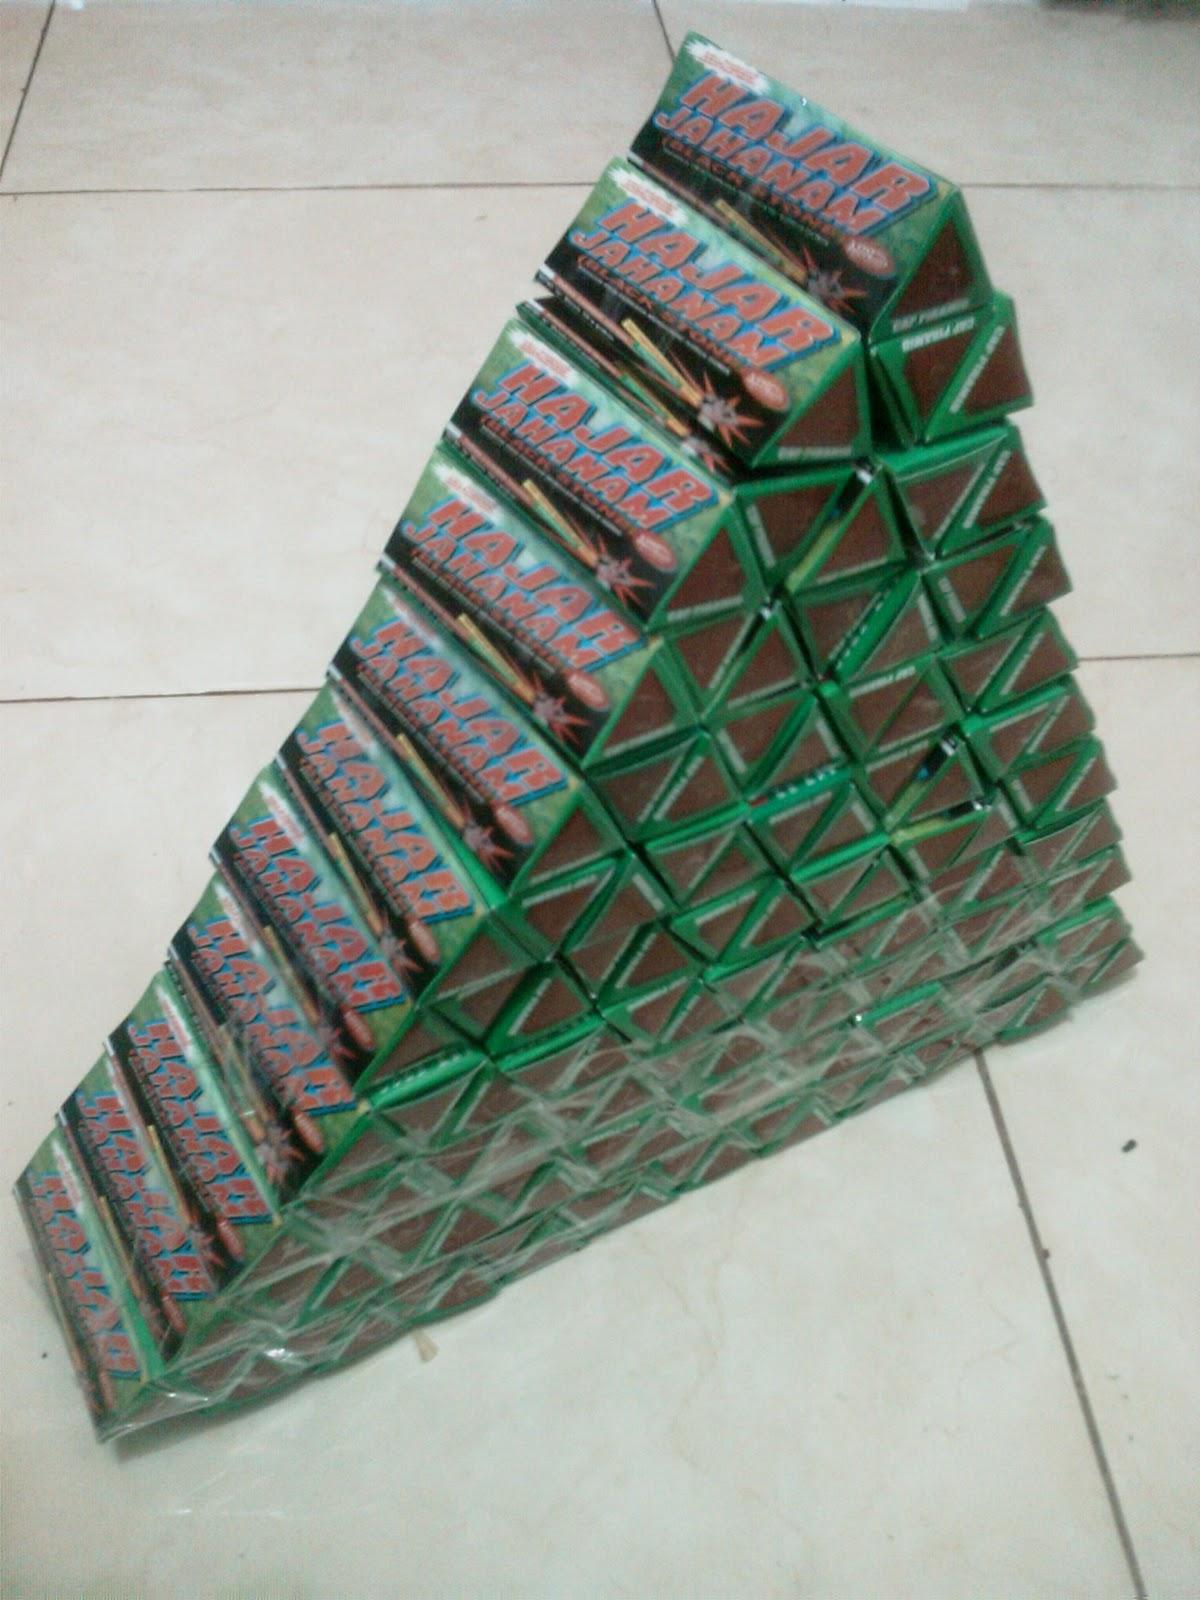 ejakulasi dini herbal hajar jahannam importir dari mesir mencari agen indonesia